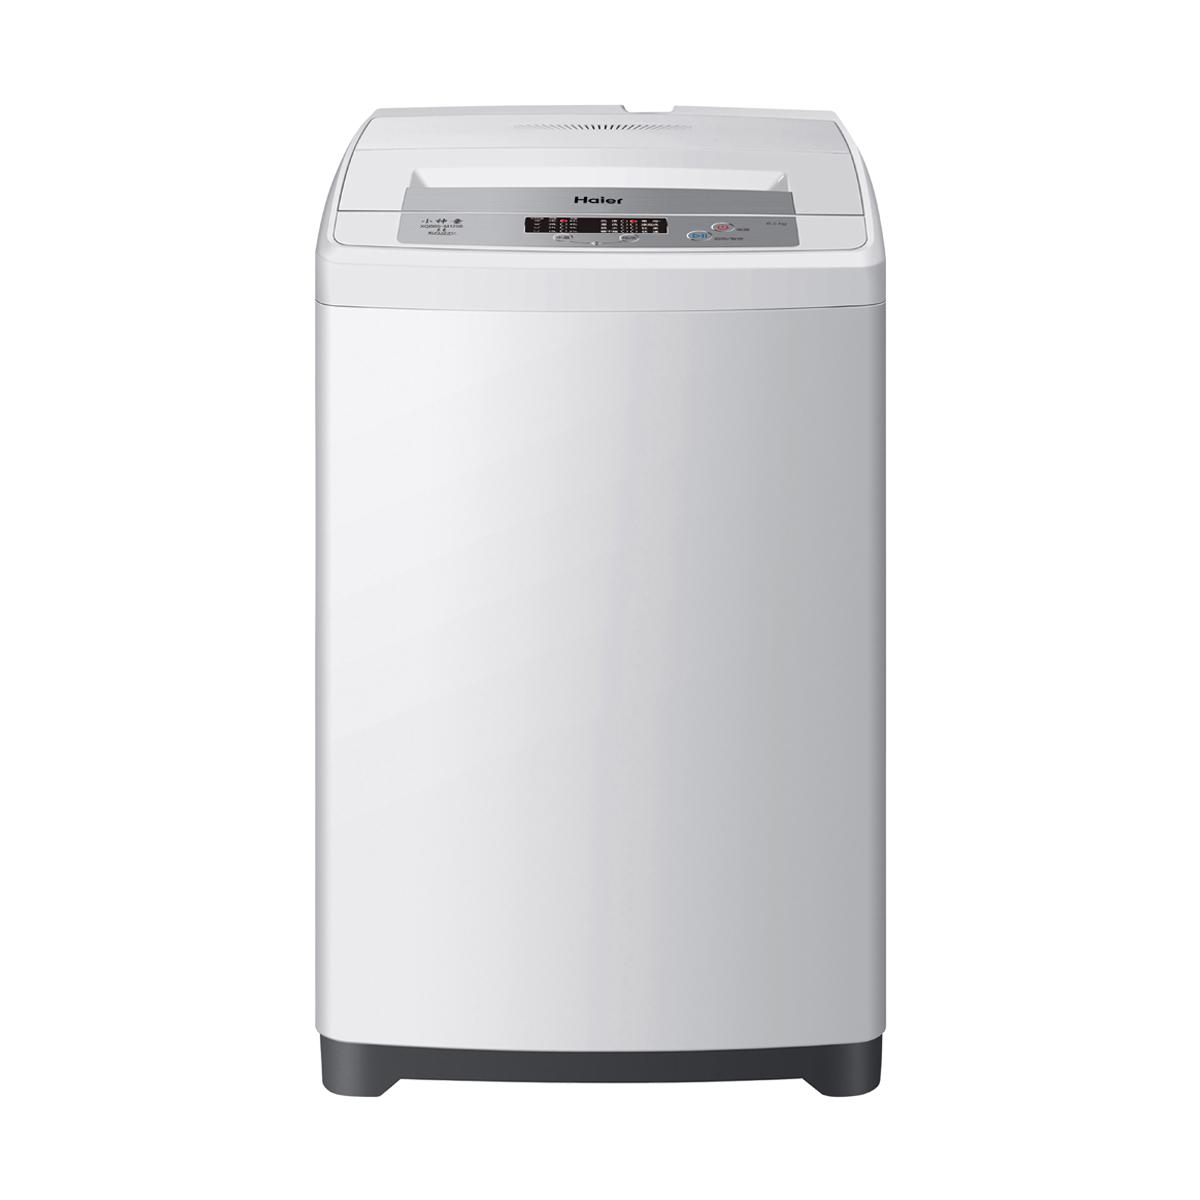 海尔Haier洗衣机 XQB65-M1258 说明书